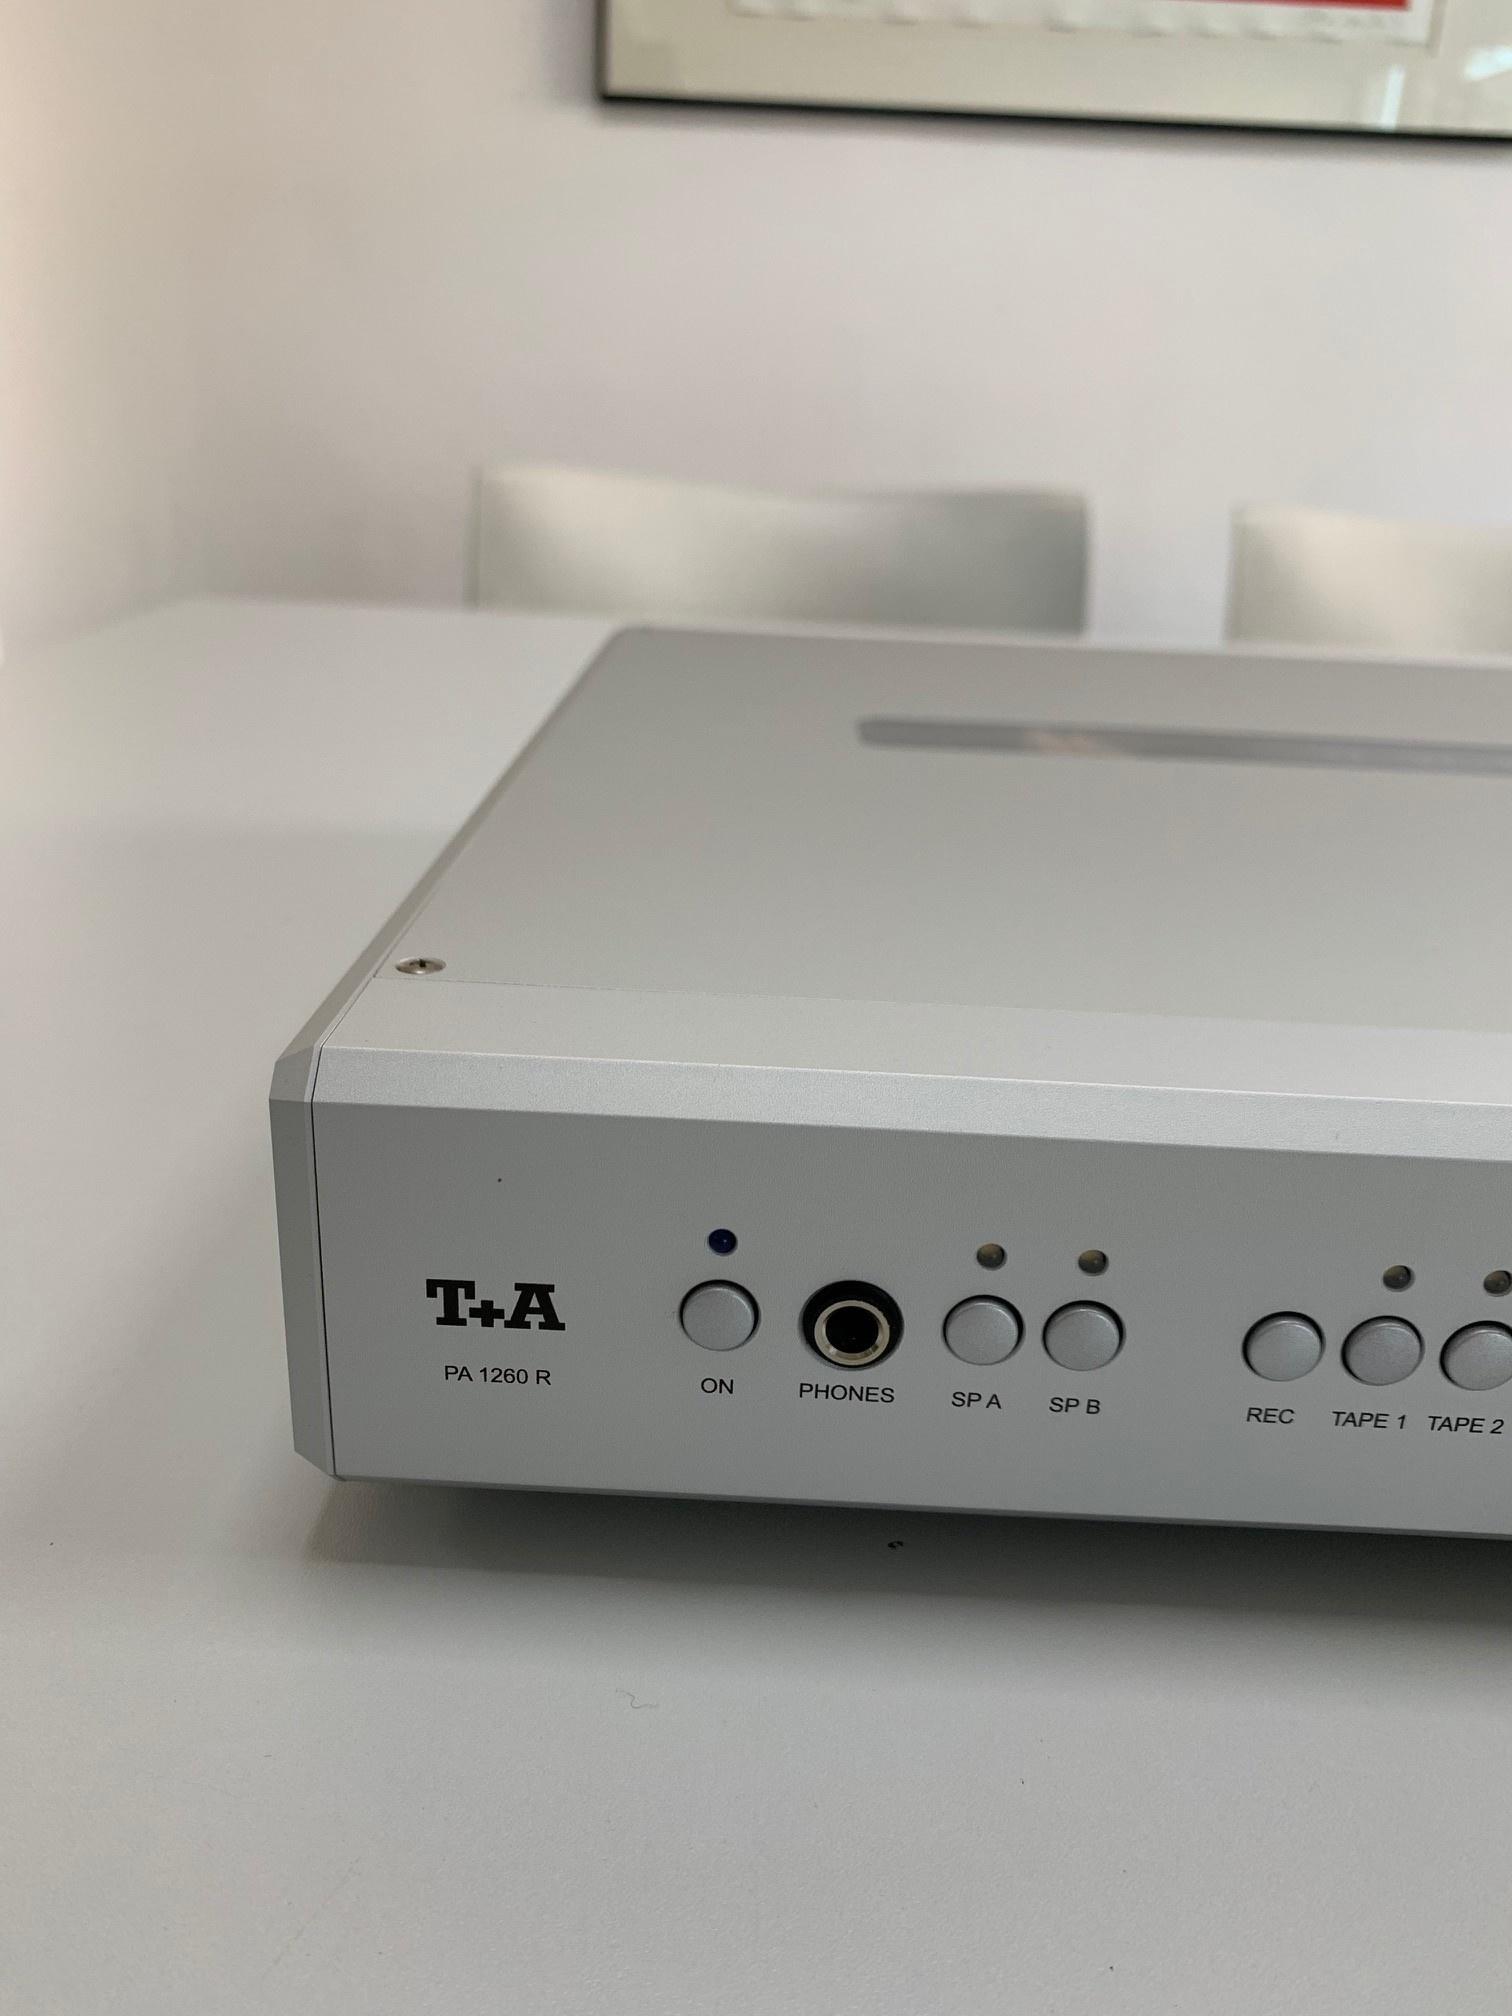 T+A PA 1260 R